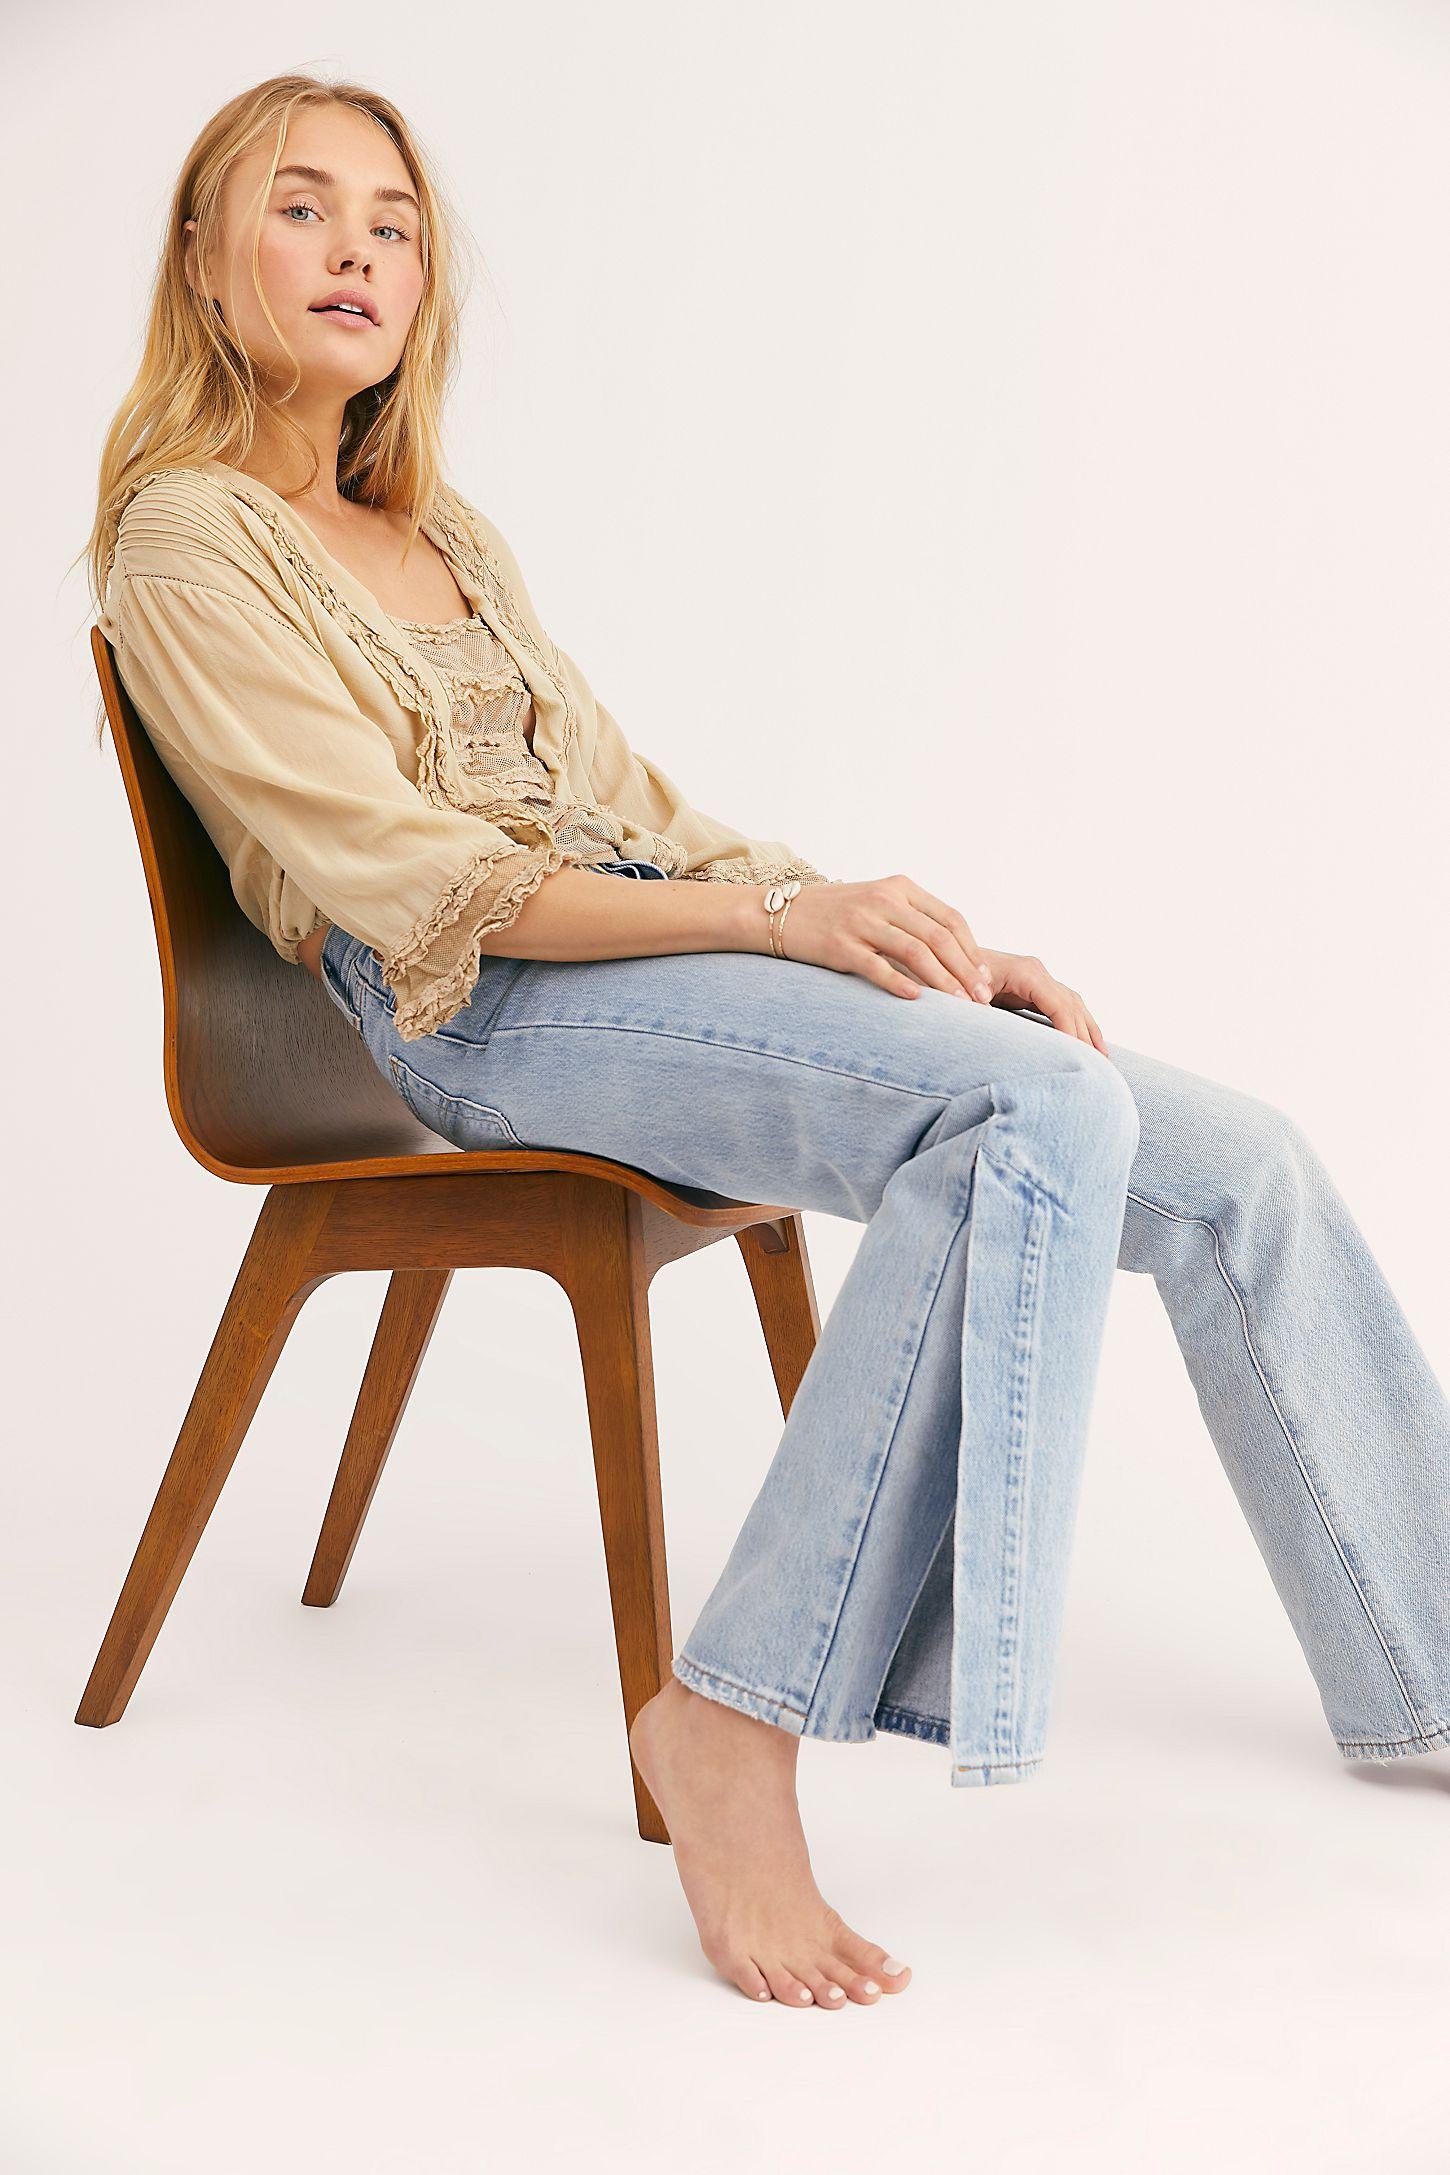 f4a6d8c542ebc0 Slide View 5: Levi's Ribcage Split Flare Jeans